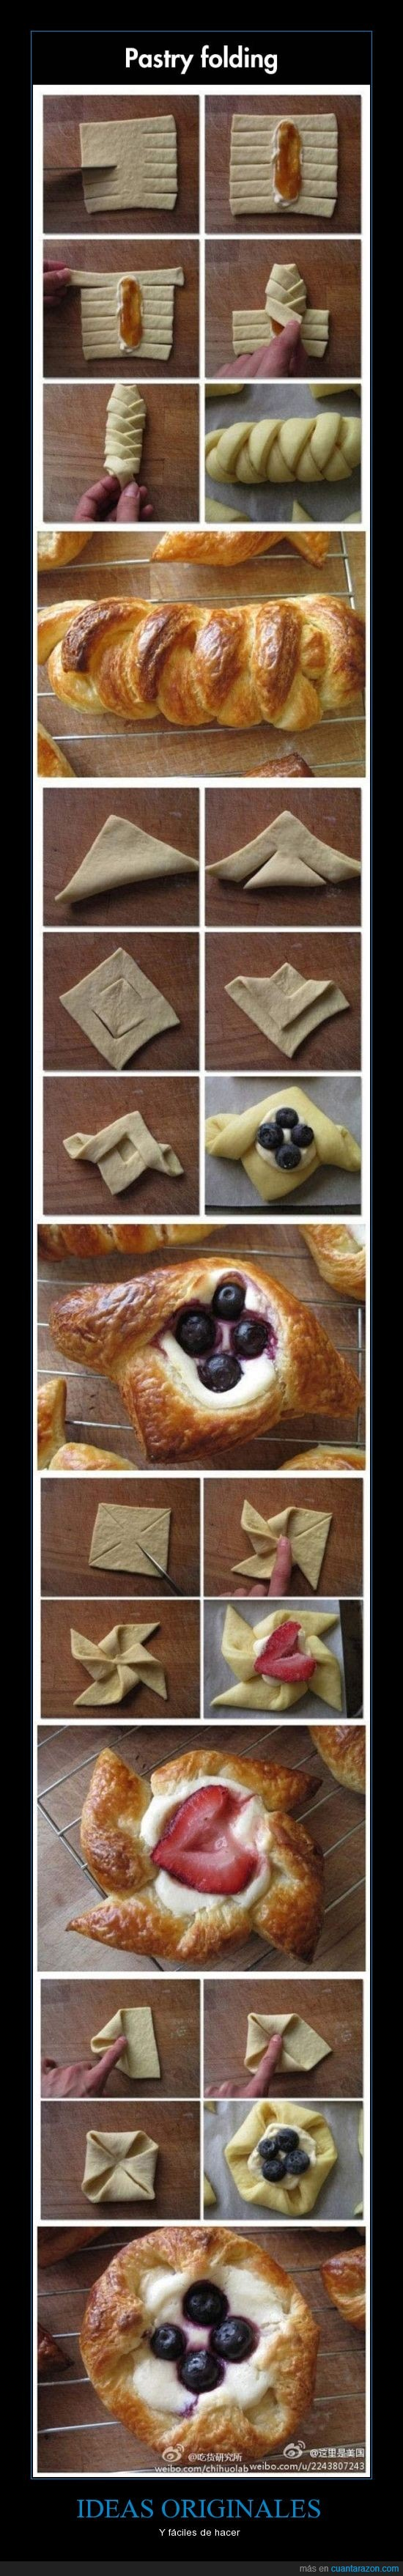 crear,forma,hojaldre,masa,papiroflexia repostera,pastelitos,qué hambre...,receta